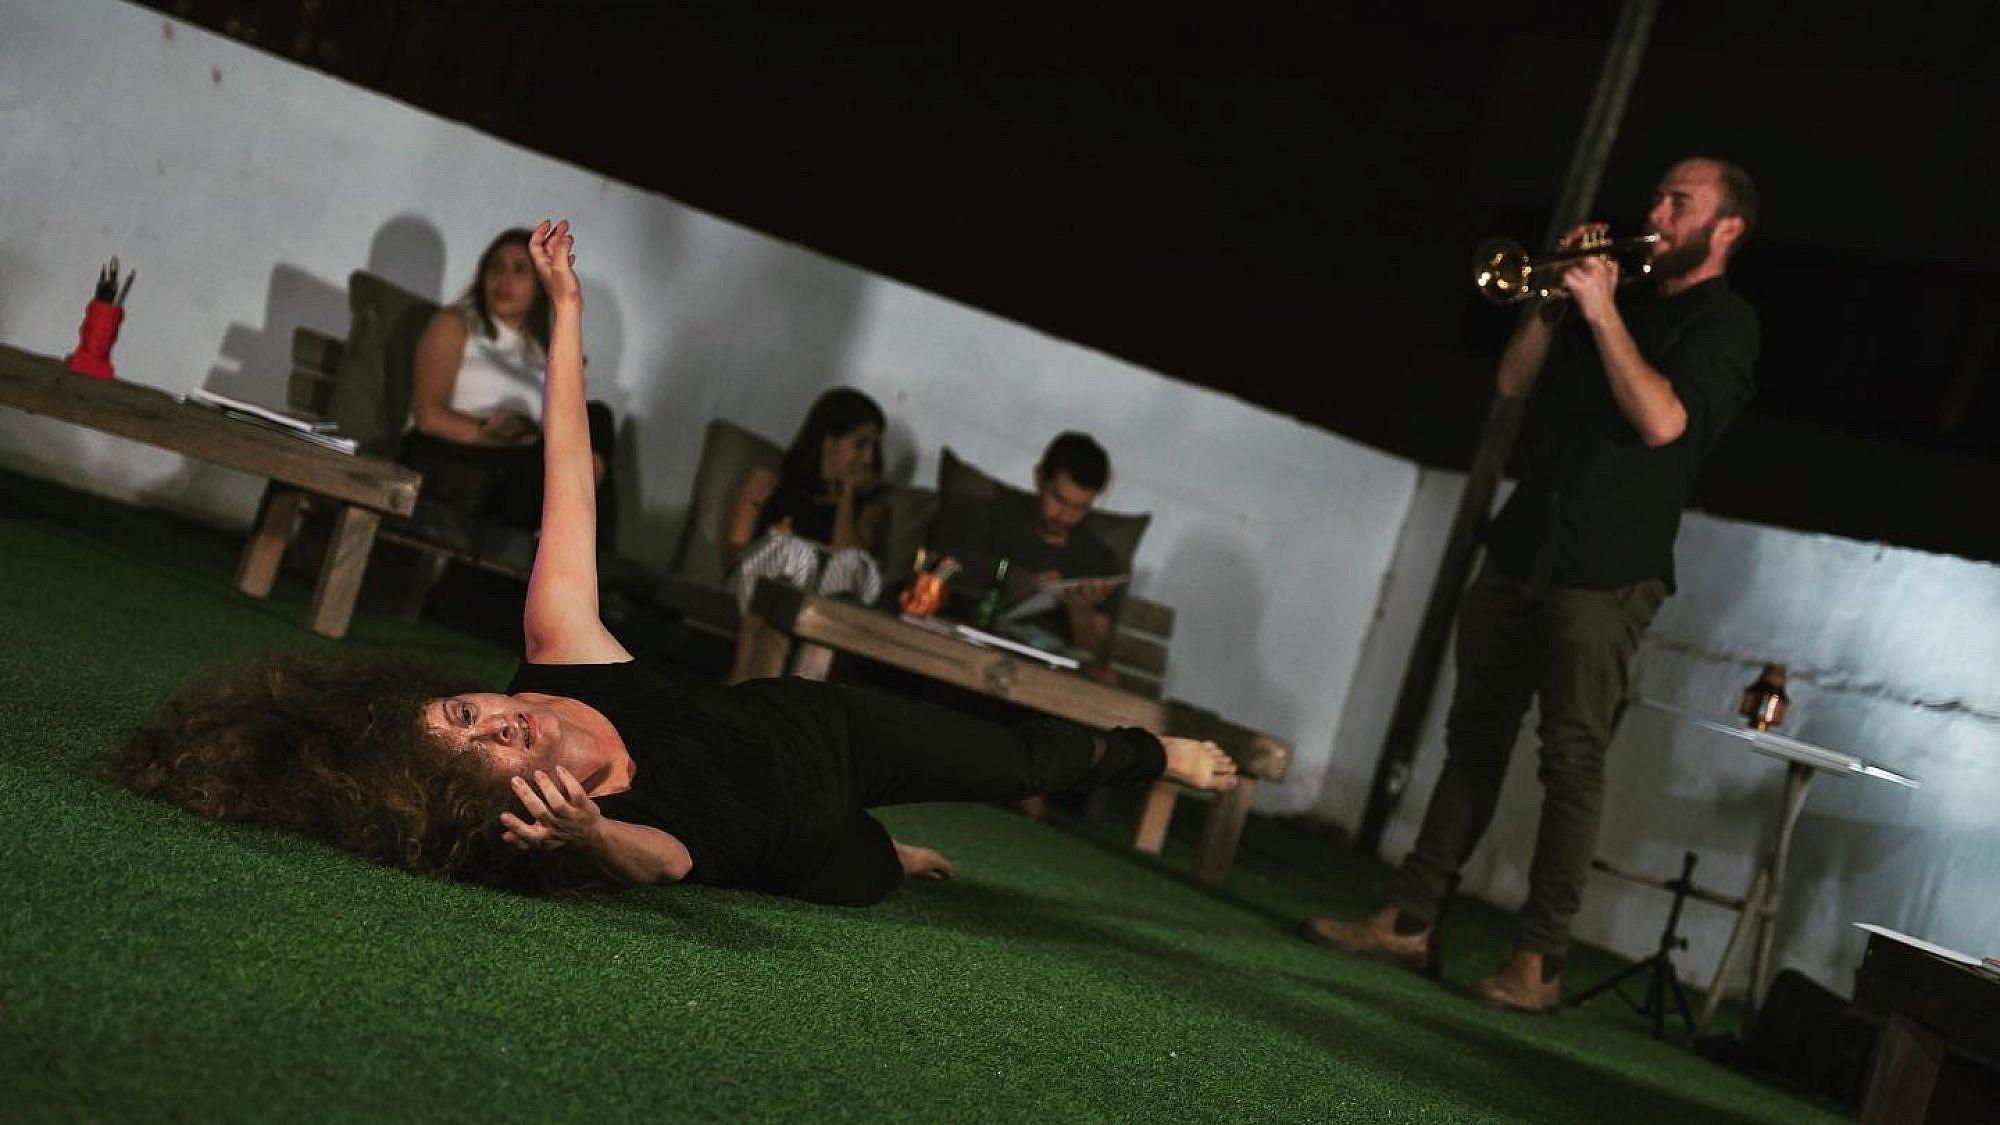 זיו קרטינגר מנגן על חצוצרה ומיכל גיל רוקדת. צילום: יונתן ישראלסתם